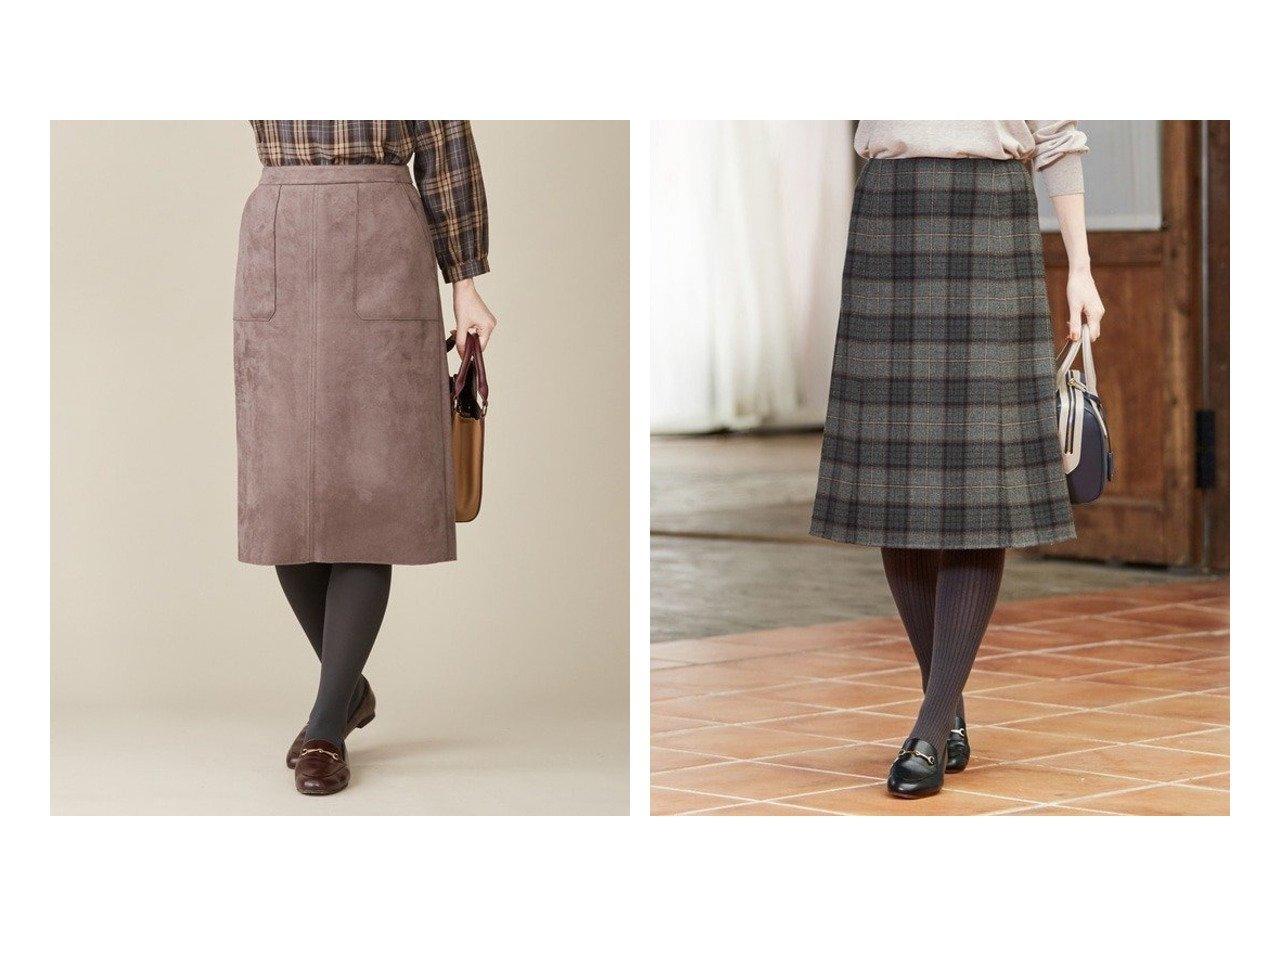 【J.PRESS/ジェイ プレス】の【リバーシブル】エアーファインウールリバーチェック スカート&【洗える】ウェードダンボール スカート スカートのおすすめ!人気、トレンド・レディースファッションの通販 おすすめで人気の流行・トレンド、ファッションの通販商品 メンズファッション・キッズファッション・インテリア・家具・レディースファッション・服の通販 founy(ファニー) https://founy.com/ ファッション Fashion レディースファッション WOMEN スカート Skirt NEW・新作・新着・新入荷 New Arrivals 送料無料 Free Shipping ジャケット スエード セットアップ バランス 冬 Winter 洗える チェック トレンド ドレープ フレア ミックス リバーシブル ロング 無地 軽量 |ID:crp329100000013387